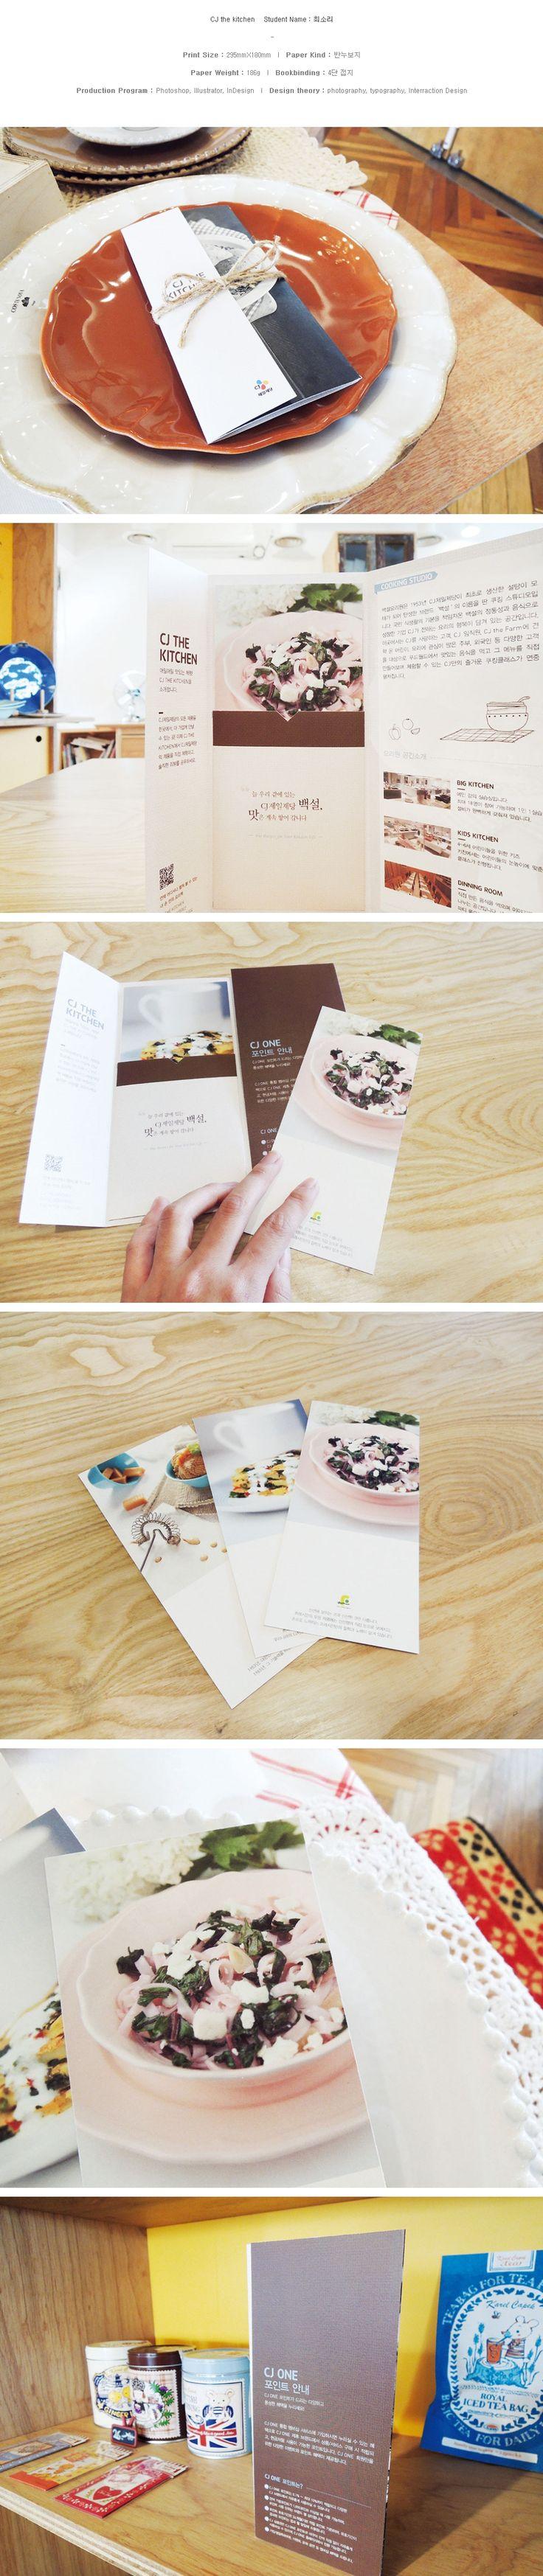 디자인 나스 (designnas) 학생 광고 편집 디자인 - 리플렛 포트폴리오 (advertisement leaflet)입니다. 키워드 : brand, ad, advertisement, leaflet, design, paper, graphics, portfolio 디자인나스의 작품은 모두 학생작품입니다. all rights reserved designnas www.designnas.com